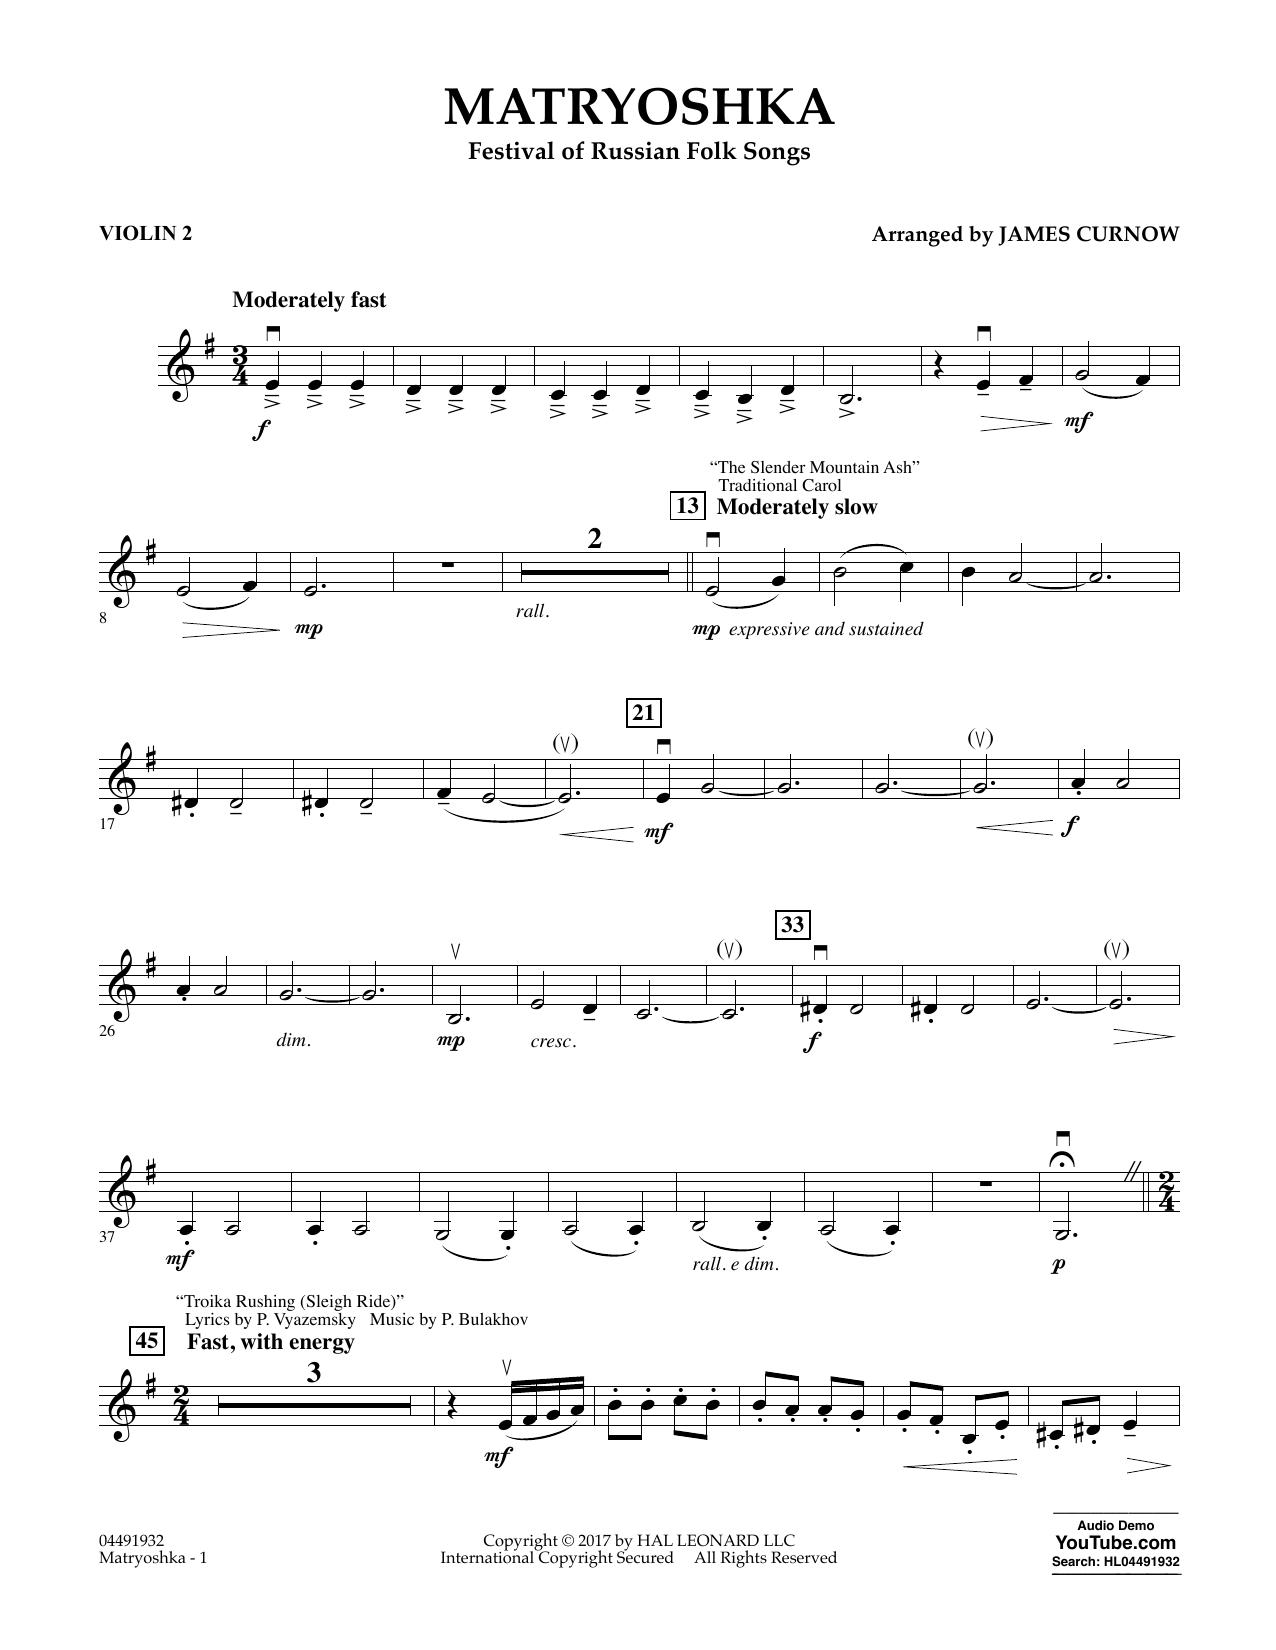 Matryoshka (Festival of Russian Folk Songs) - Violin 2